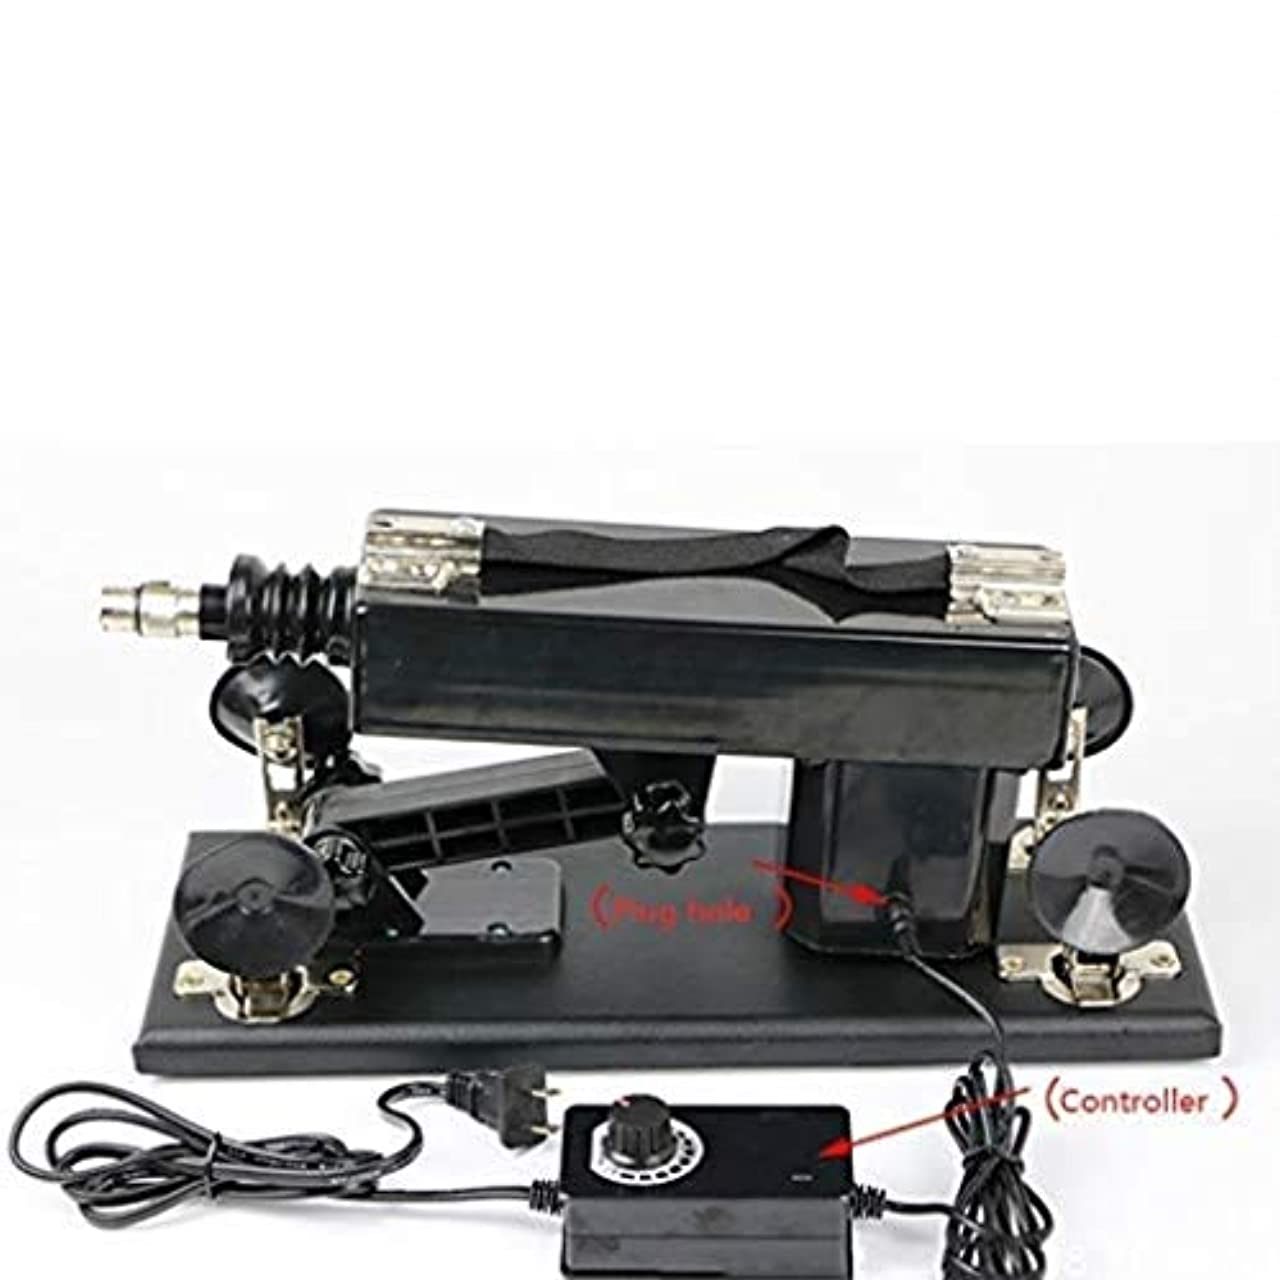 Risareyi 電気自動大人機械マッサージツール速度と角度すべて制御マルチ角度調整可能な大人のおもちゃ6おもちゃ最高の贈り物